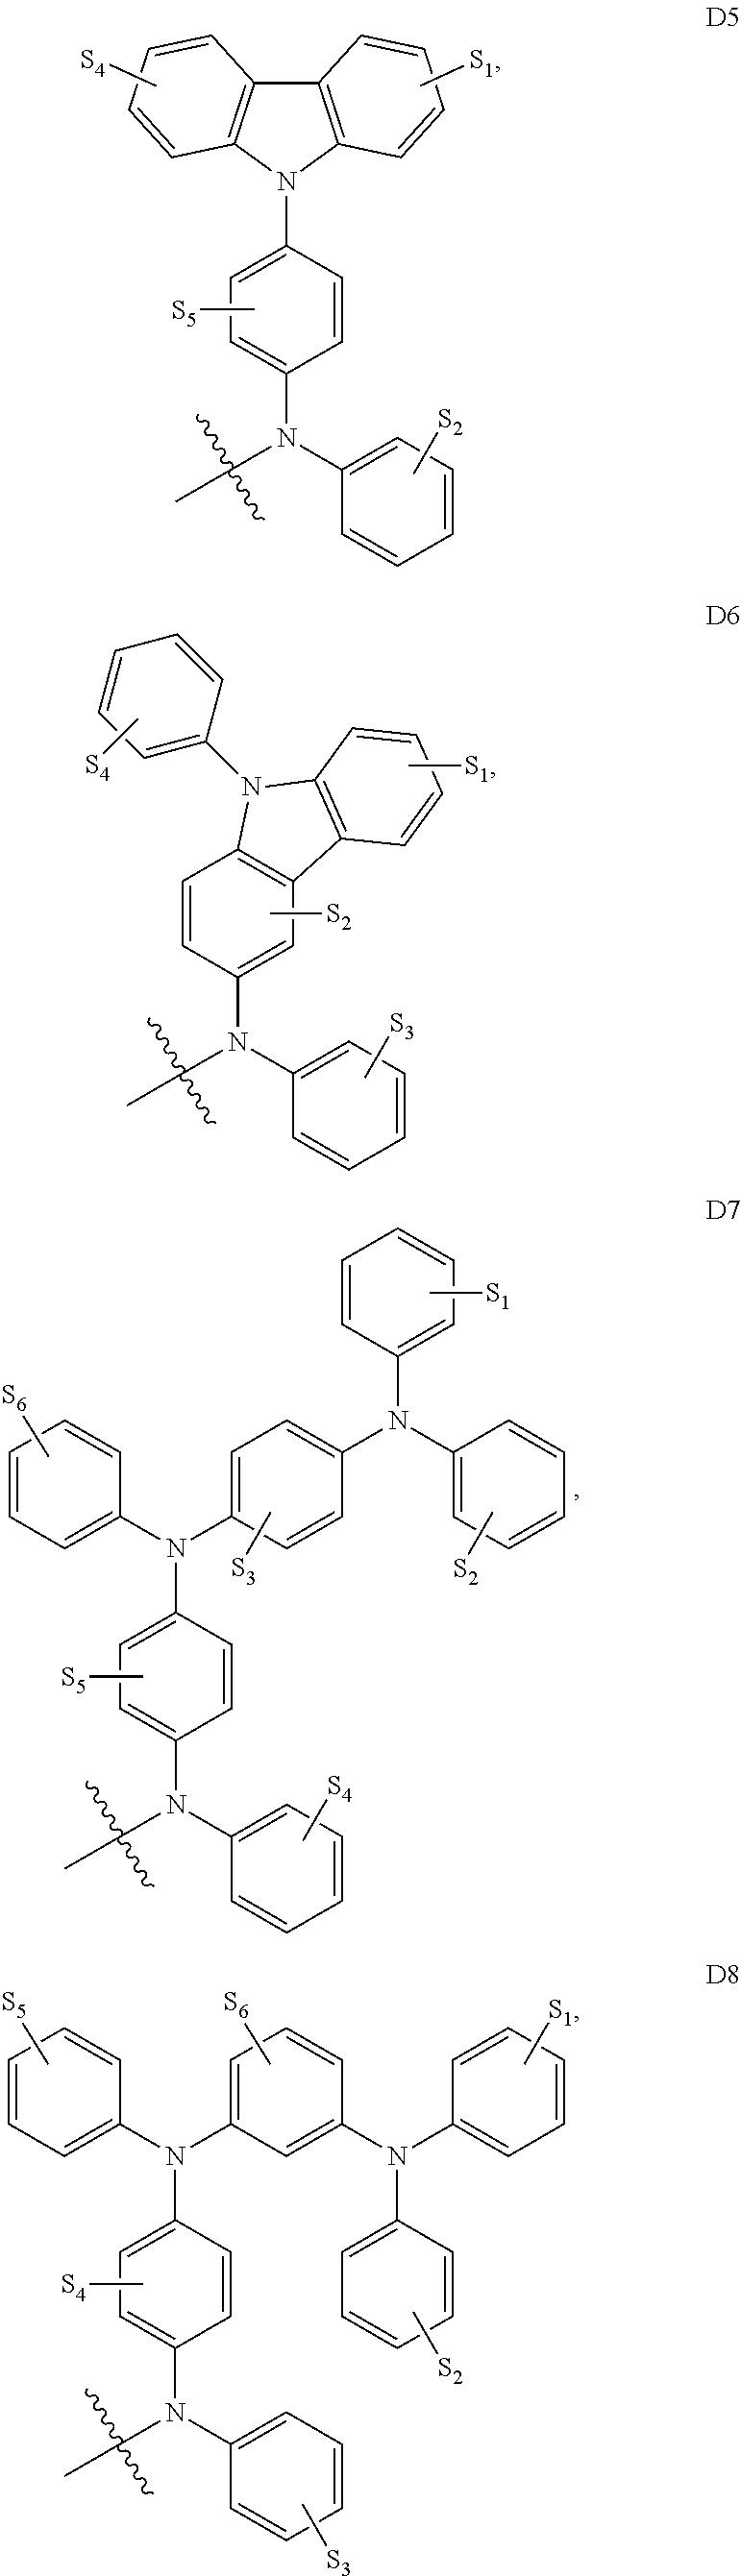 Figure US09537106-20170103-C00122